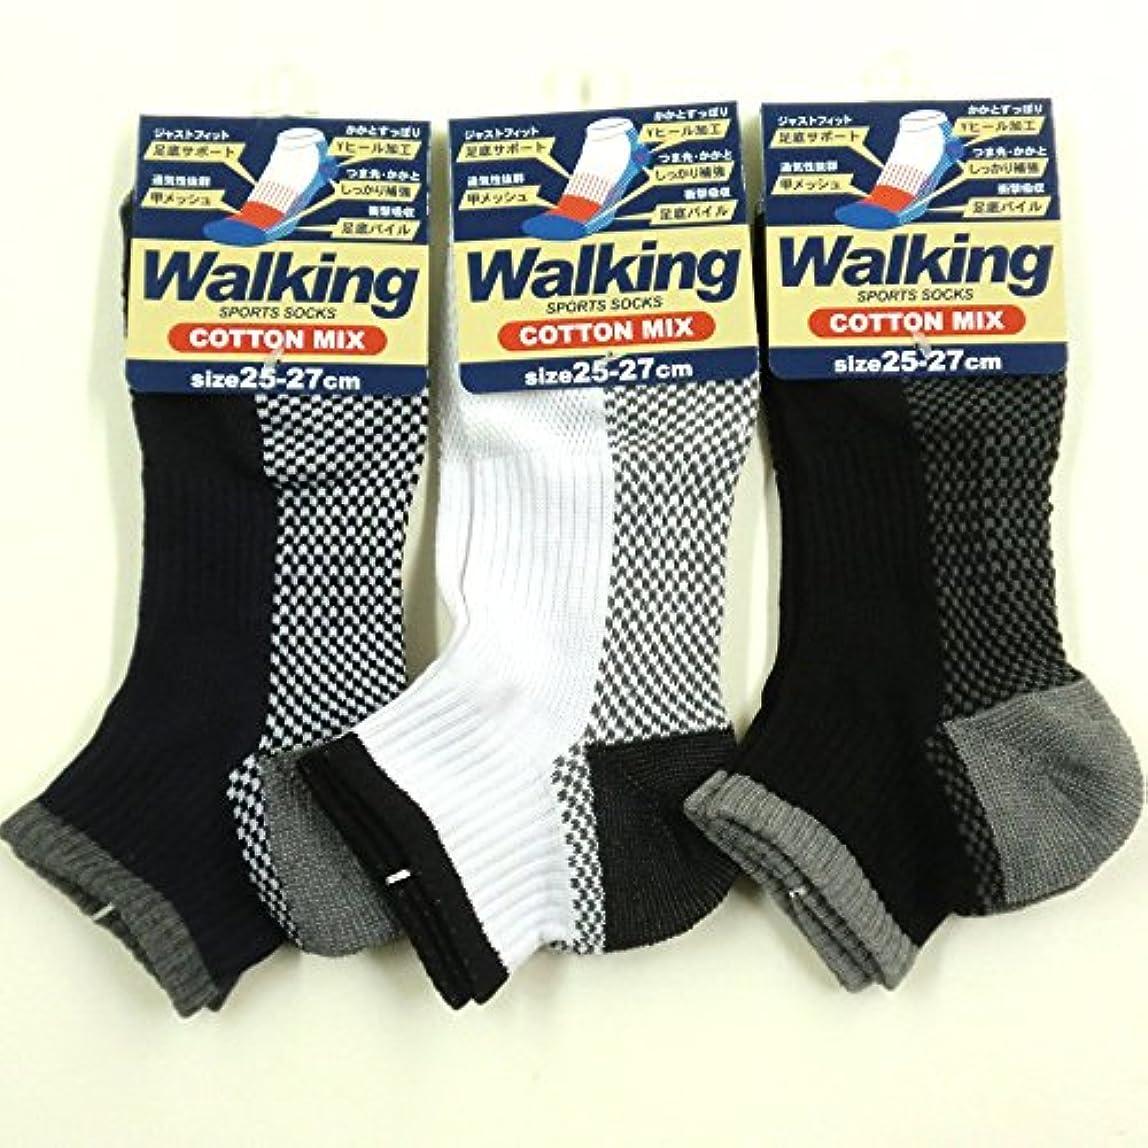 大きなスケールで見ると展示会取り消すスニーカー ソックス メンズ ウォーキング 靴下 綿混 足底パイル 25-27cm 3足セット